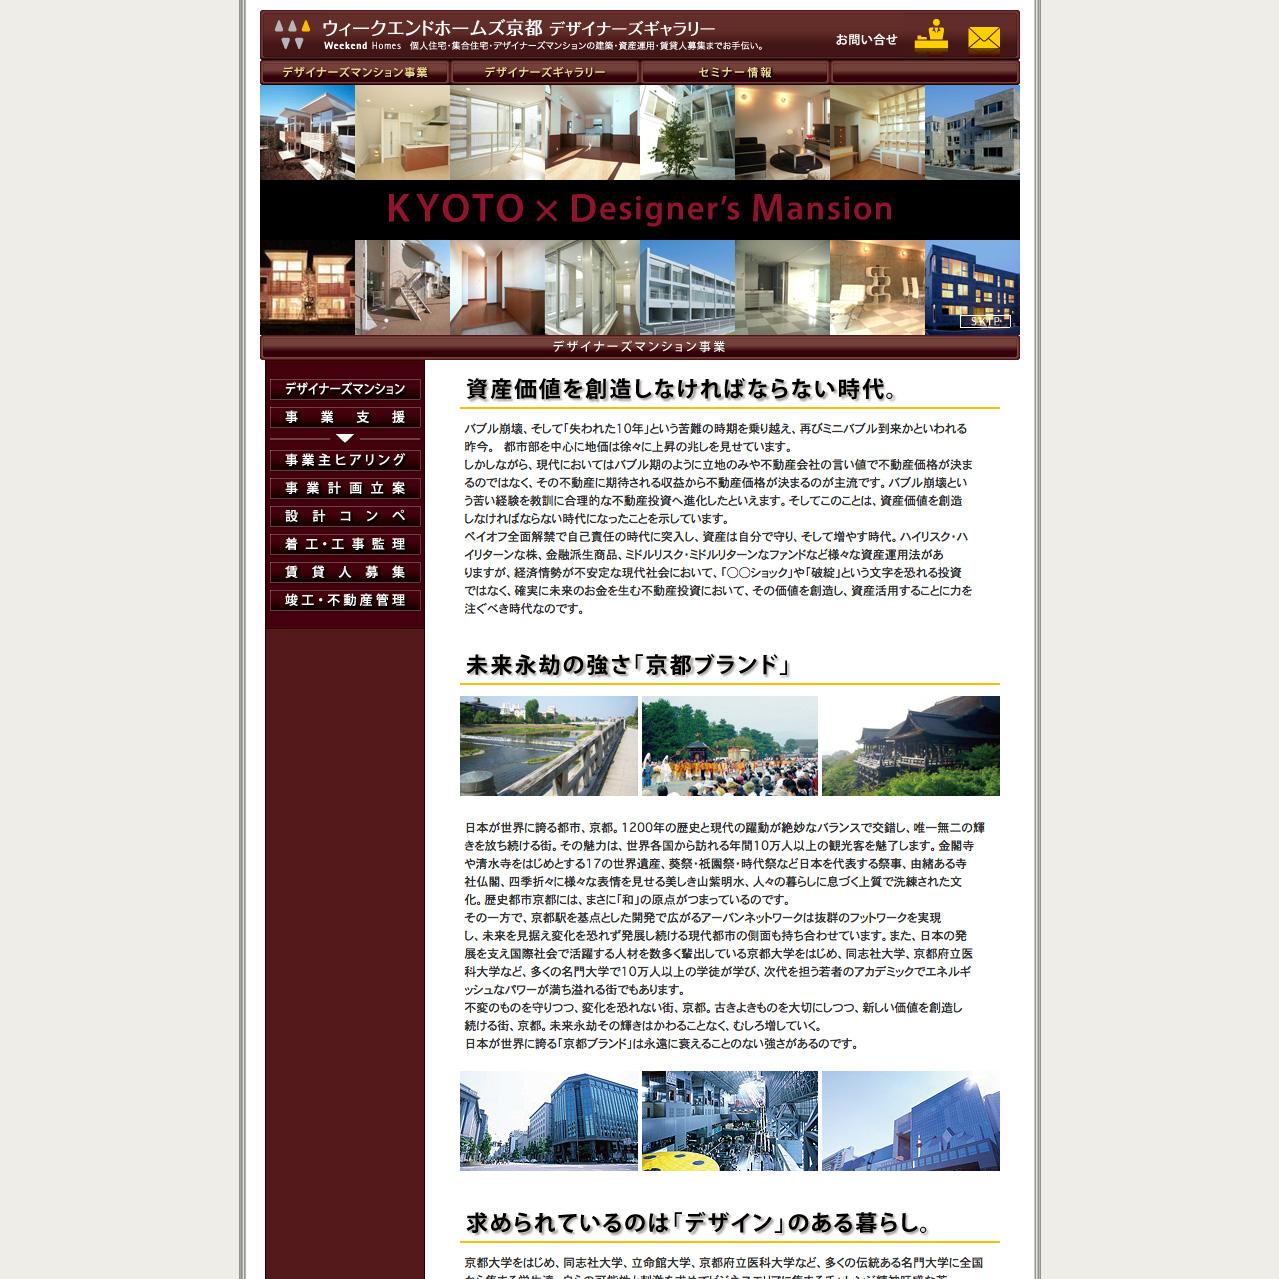 ウィークエンドホームズ京都 デザイナーズギャラリー ホームページ